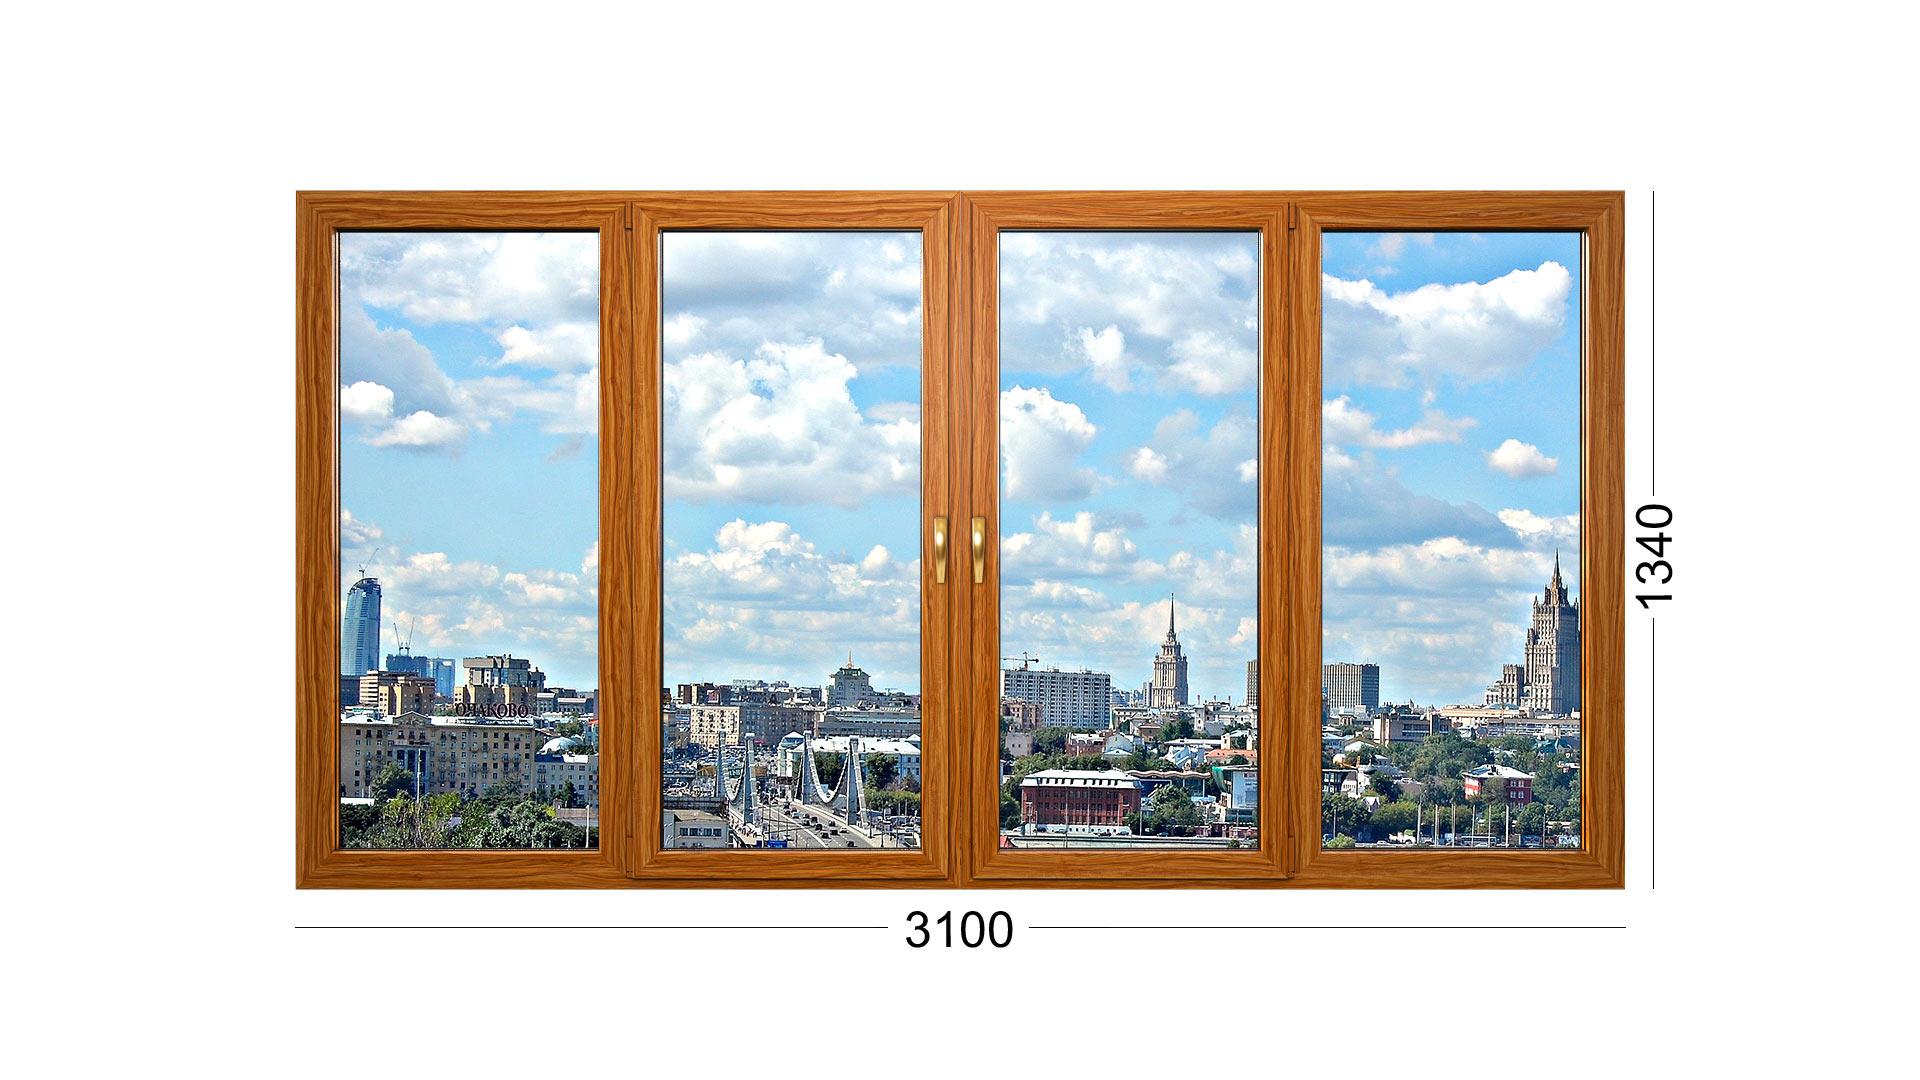 Лоджия из 4 створок для дома серии И-700А, деревянные стеклопакеты и рама. Окна от Инвуд